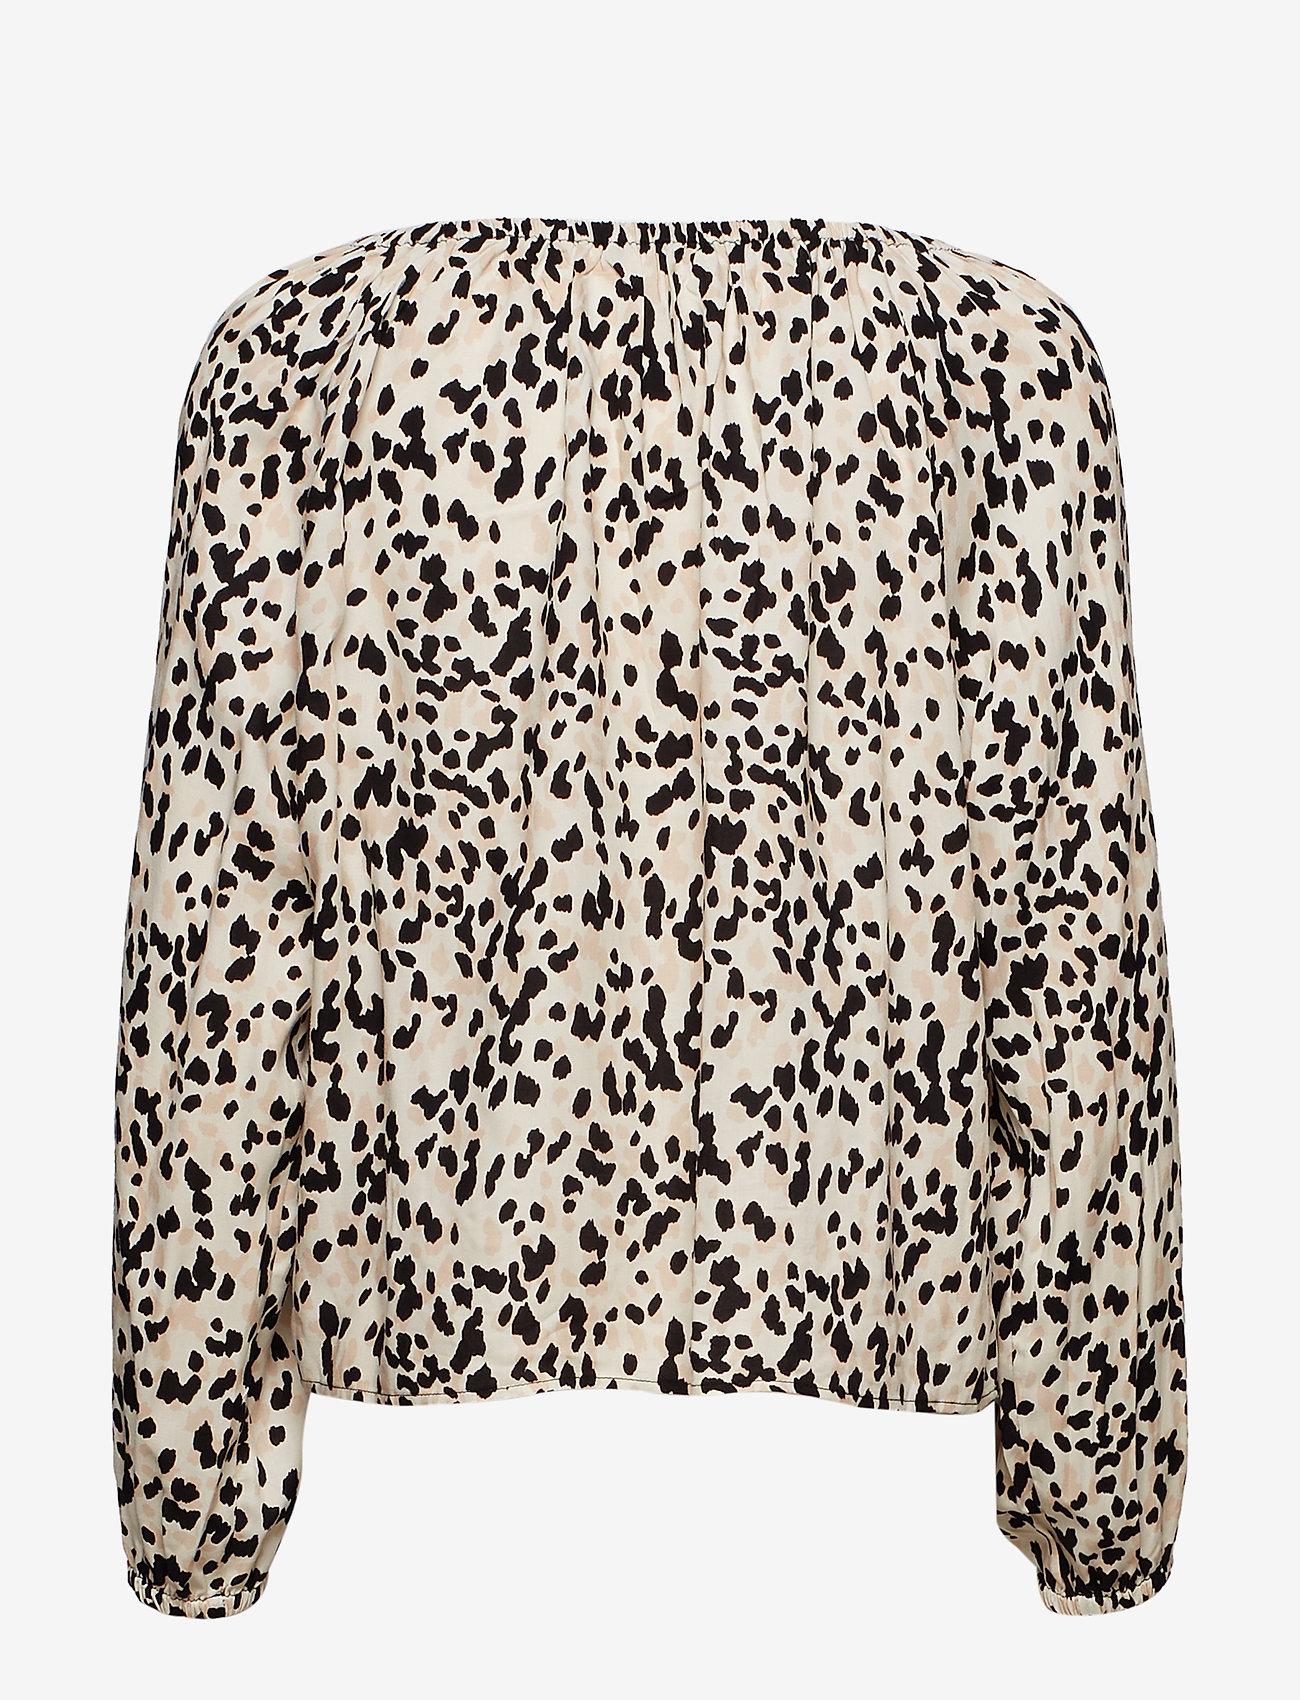 Gina Tricot Saga blouse - Bluzki & Koszule BEIGE/SPOT - Kobiety Odzież.